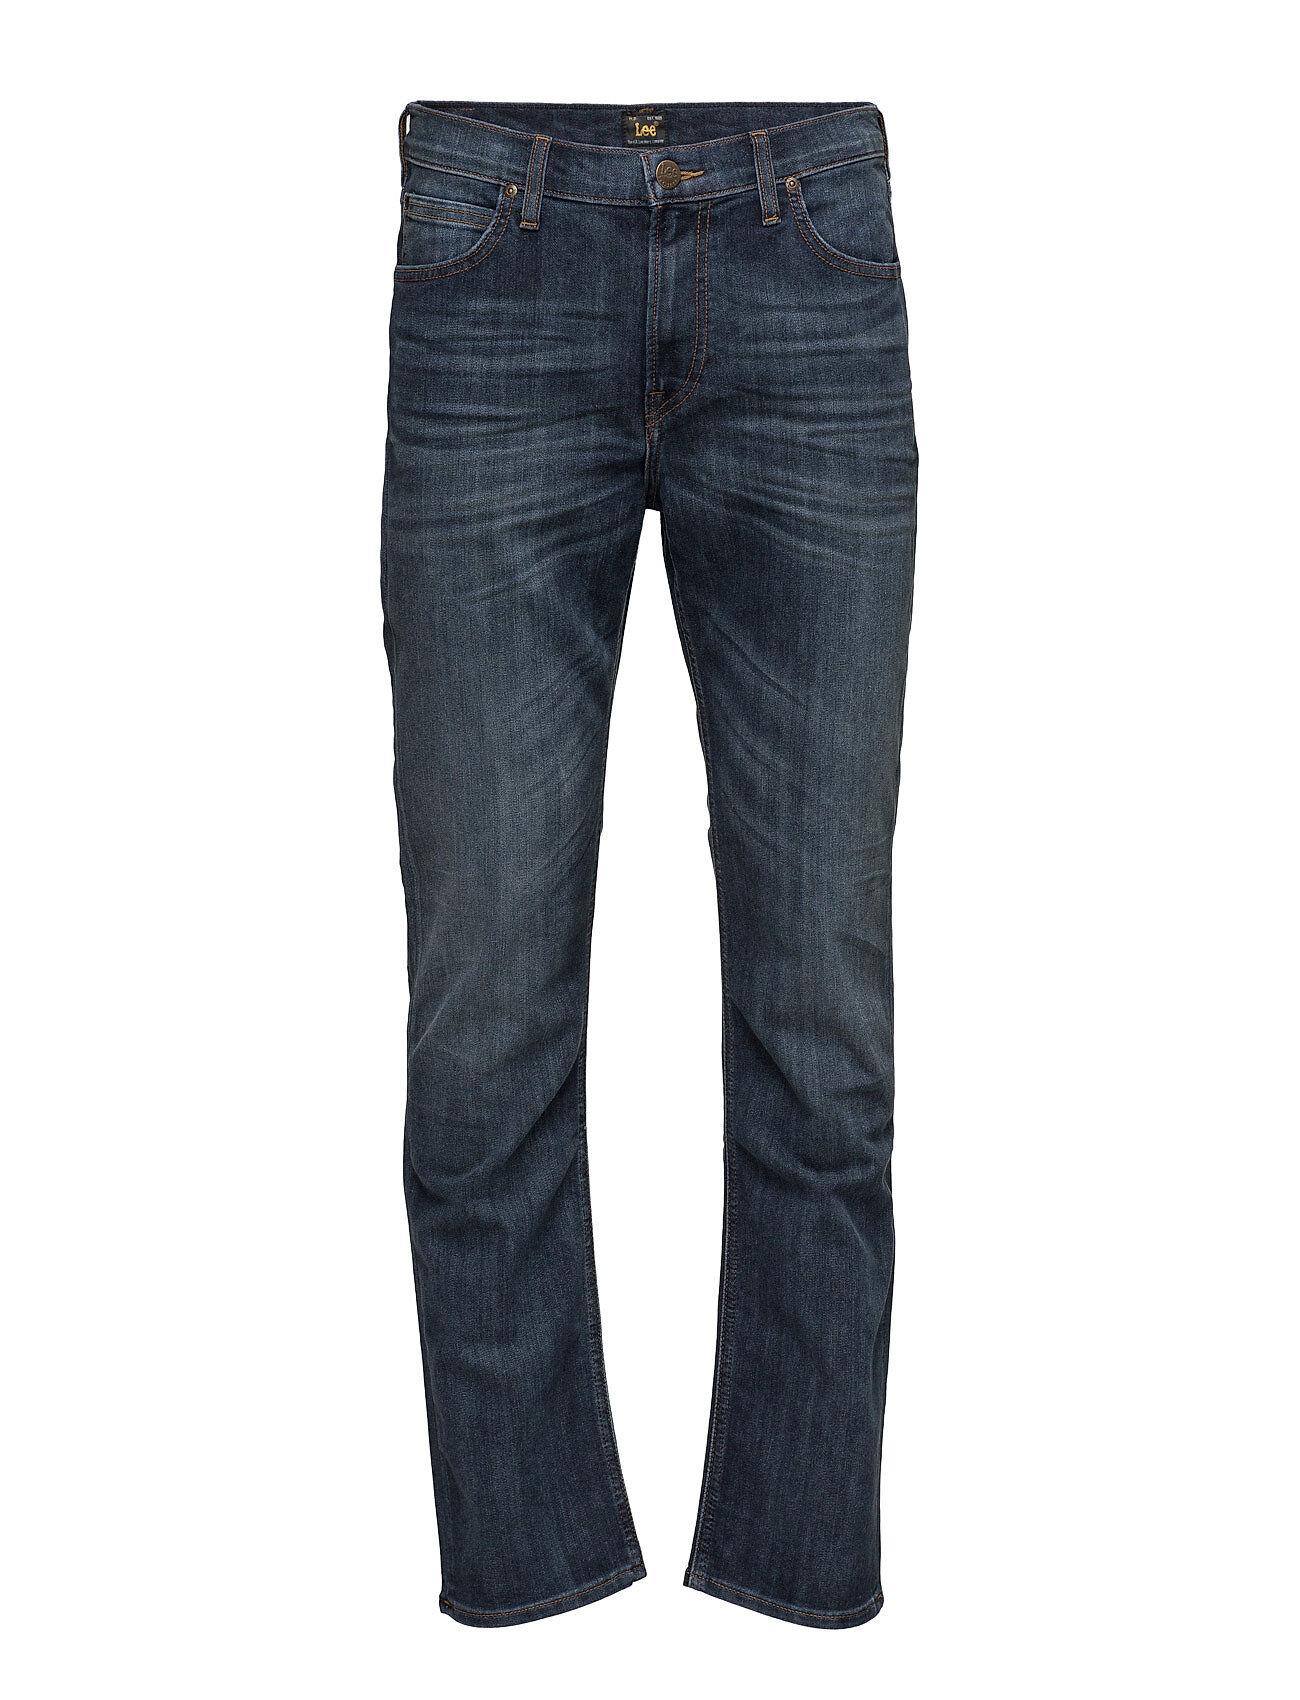 Lee Jeans Morton Deep Blue River